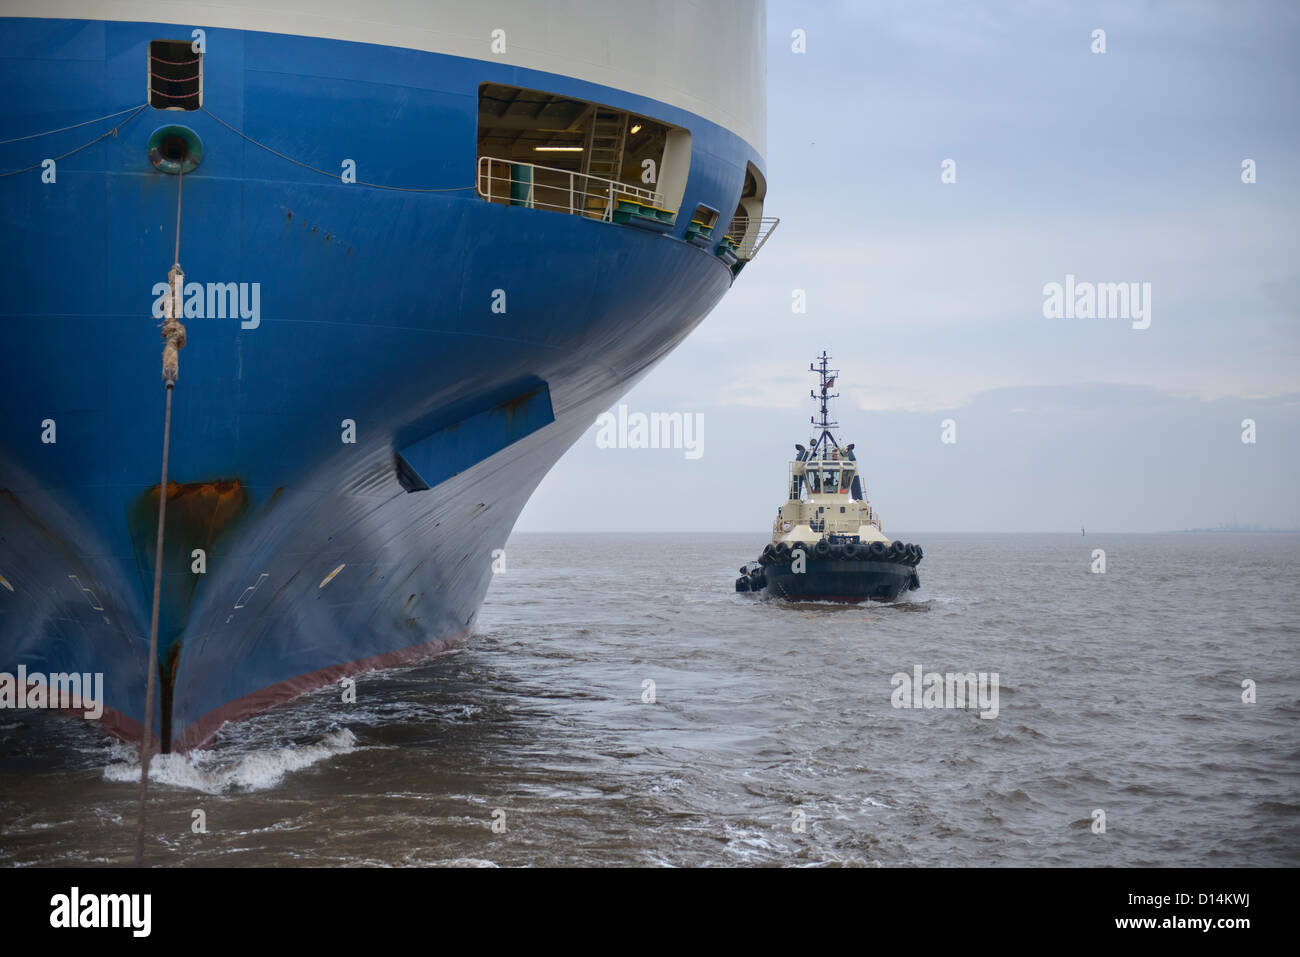 Schlepper mit dem großen Schiff Segeln Stockbild